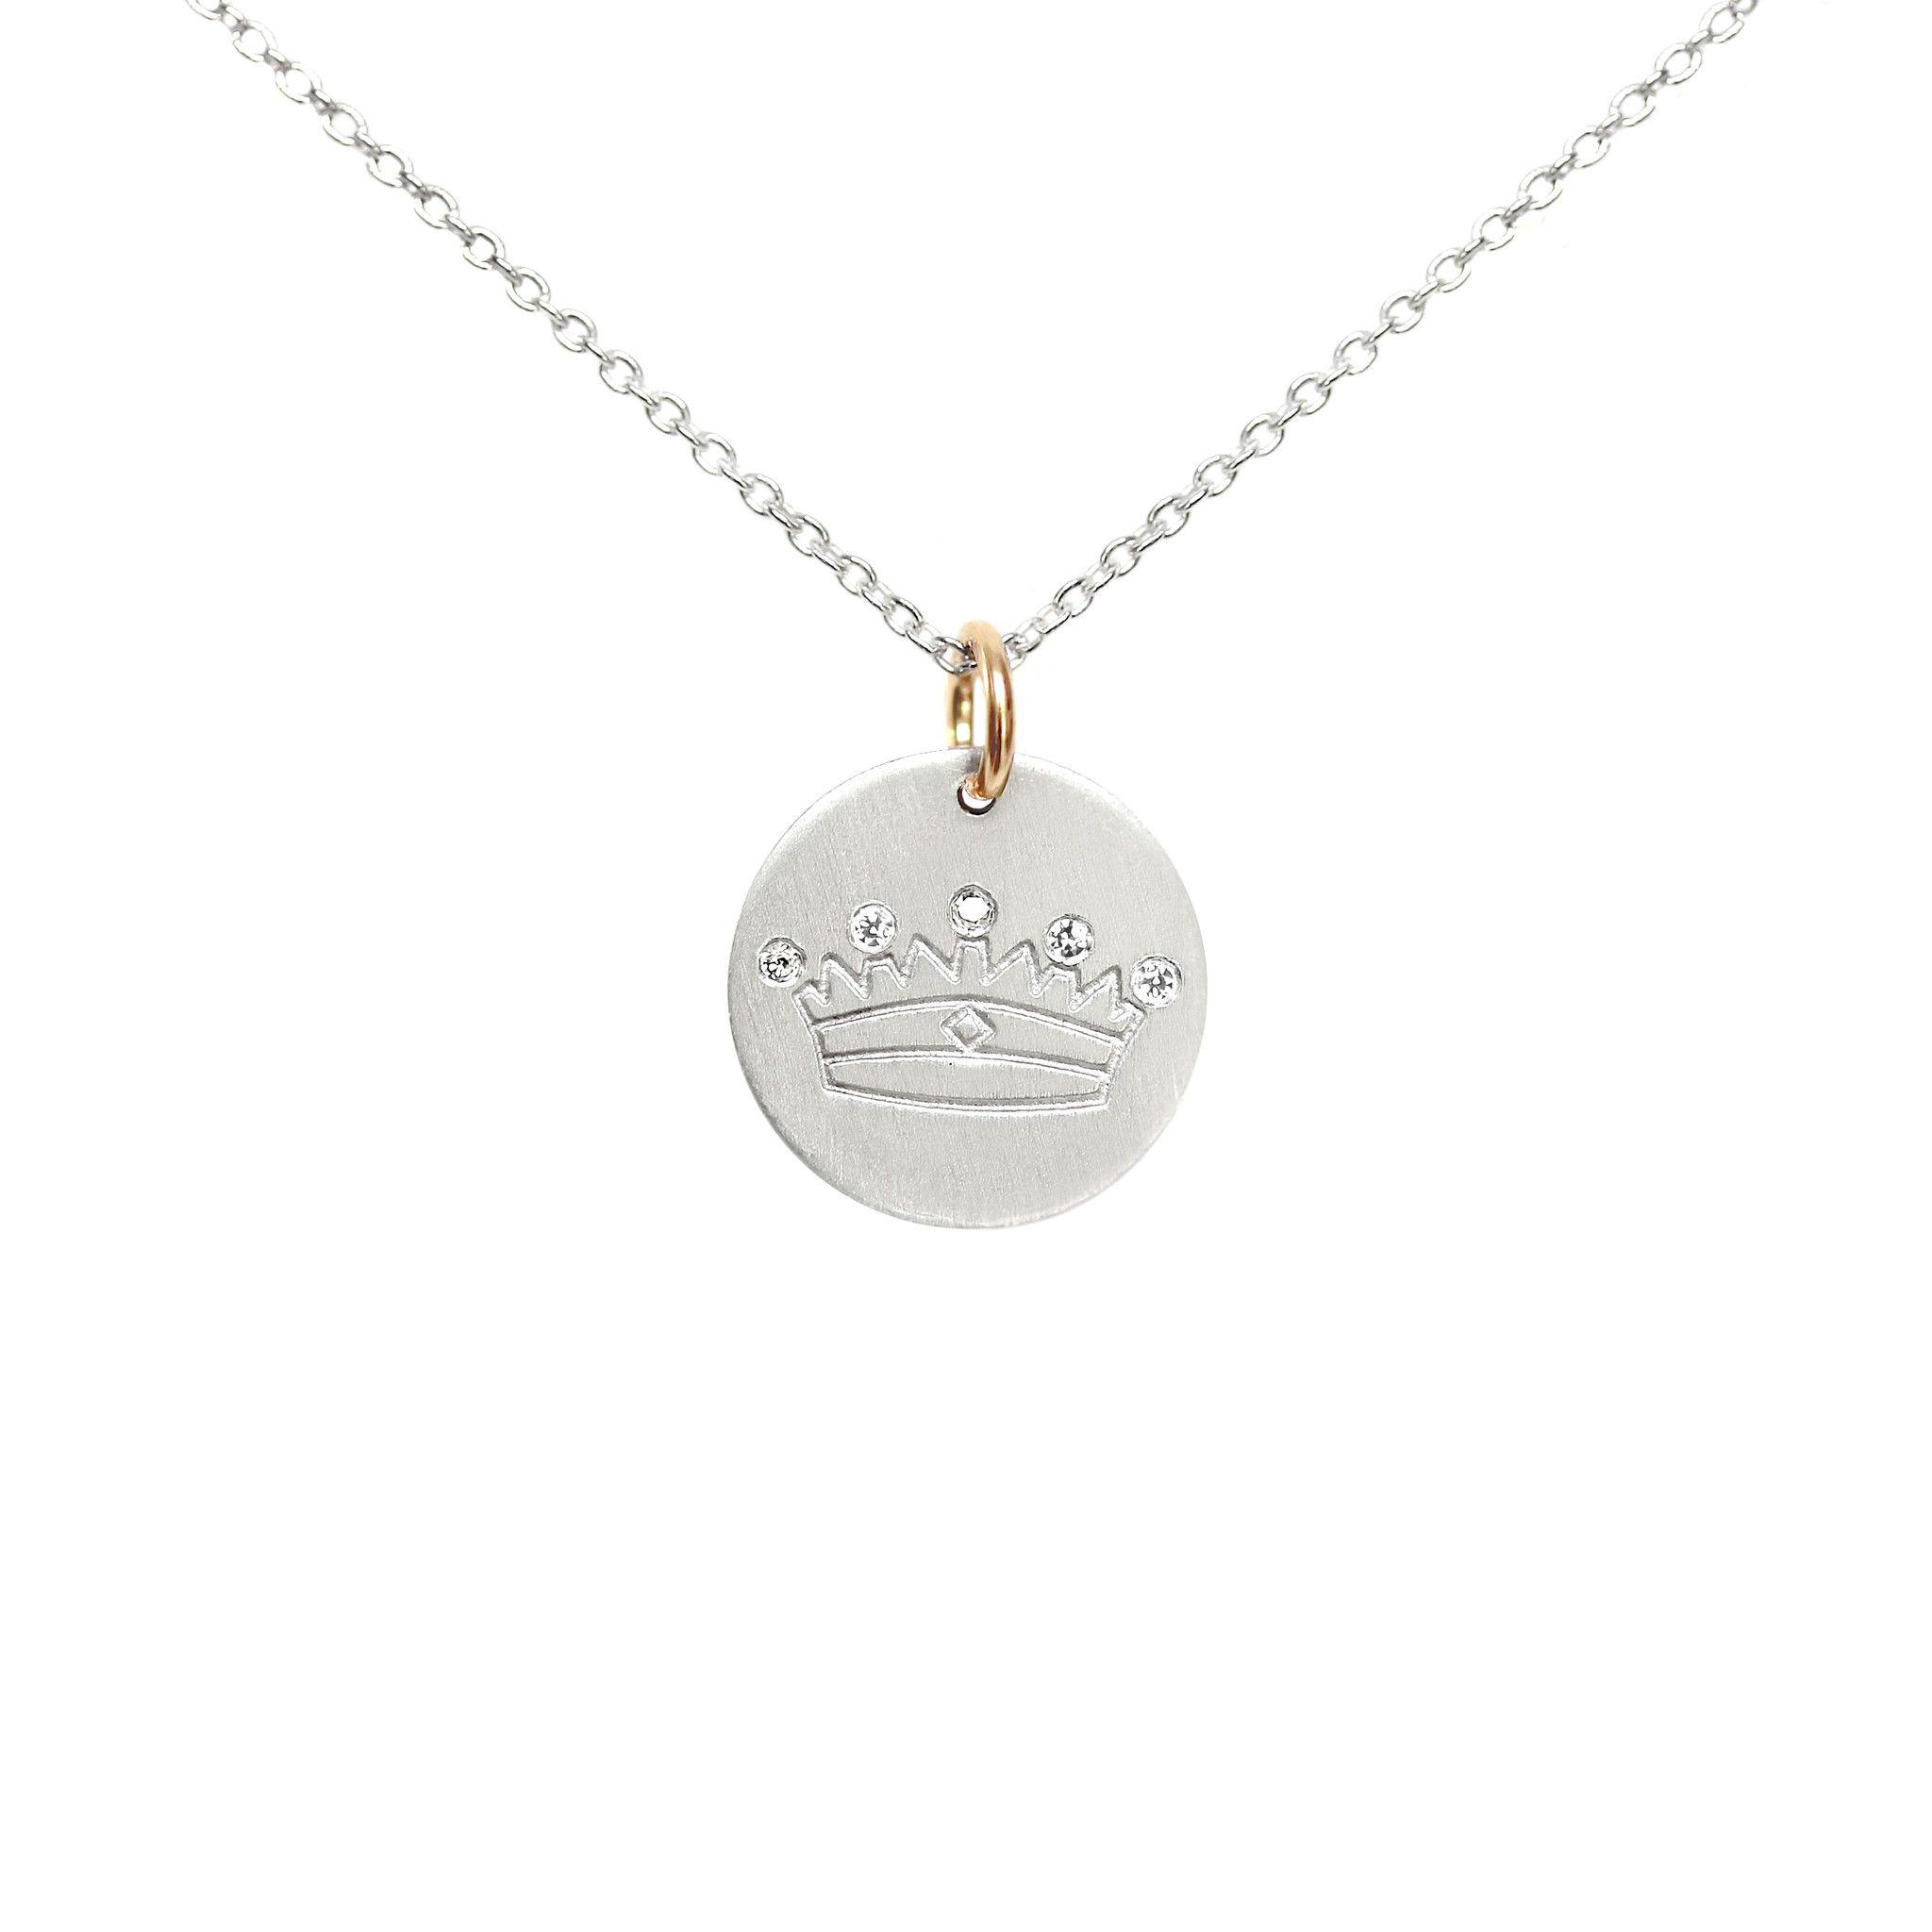 Silver Crown Charm by La Soula